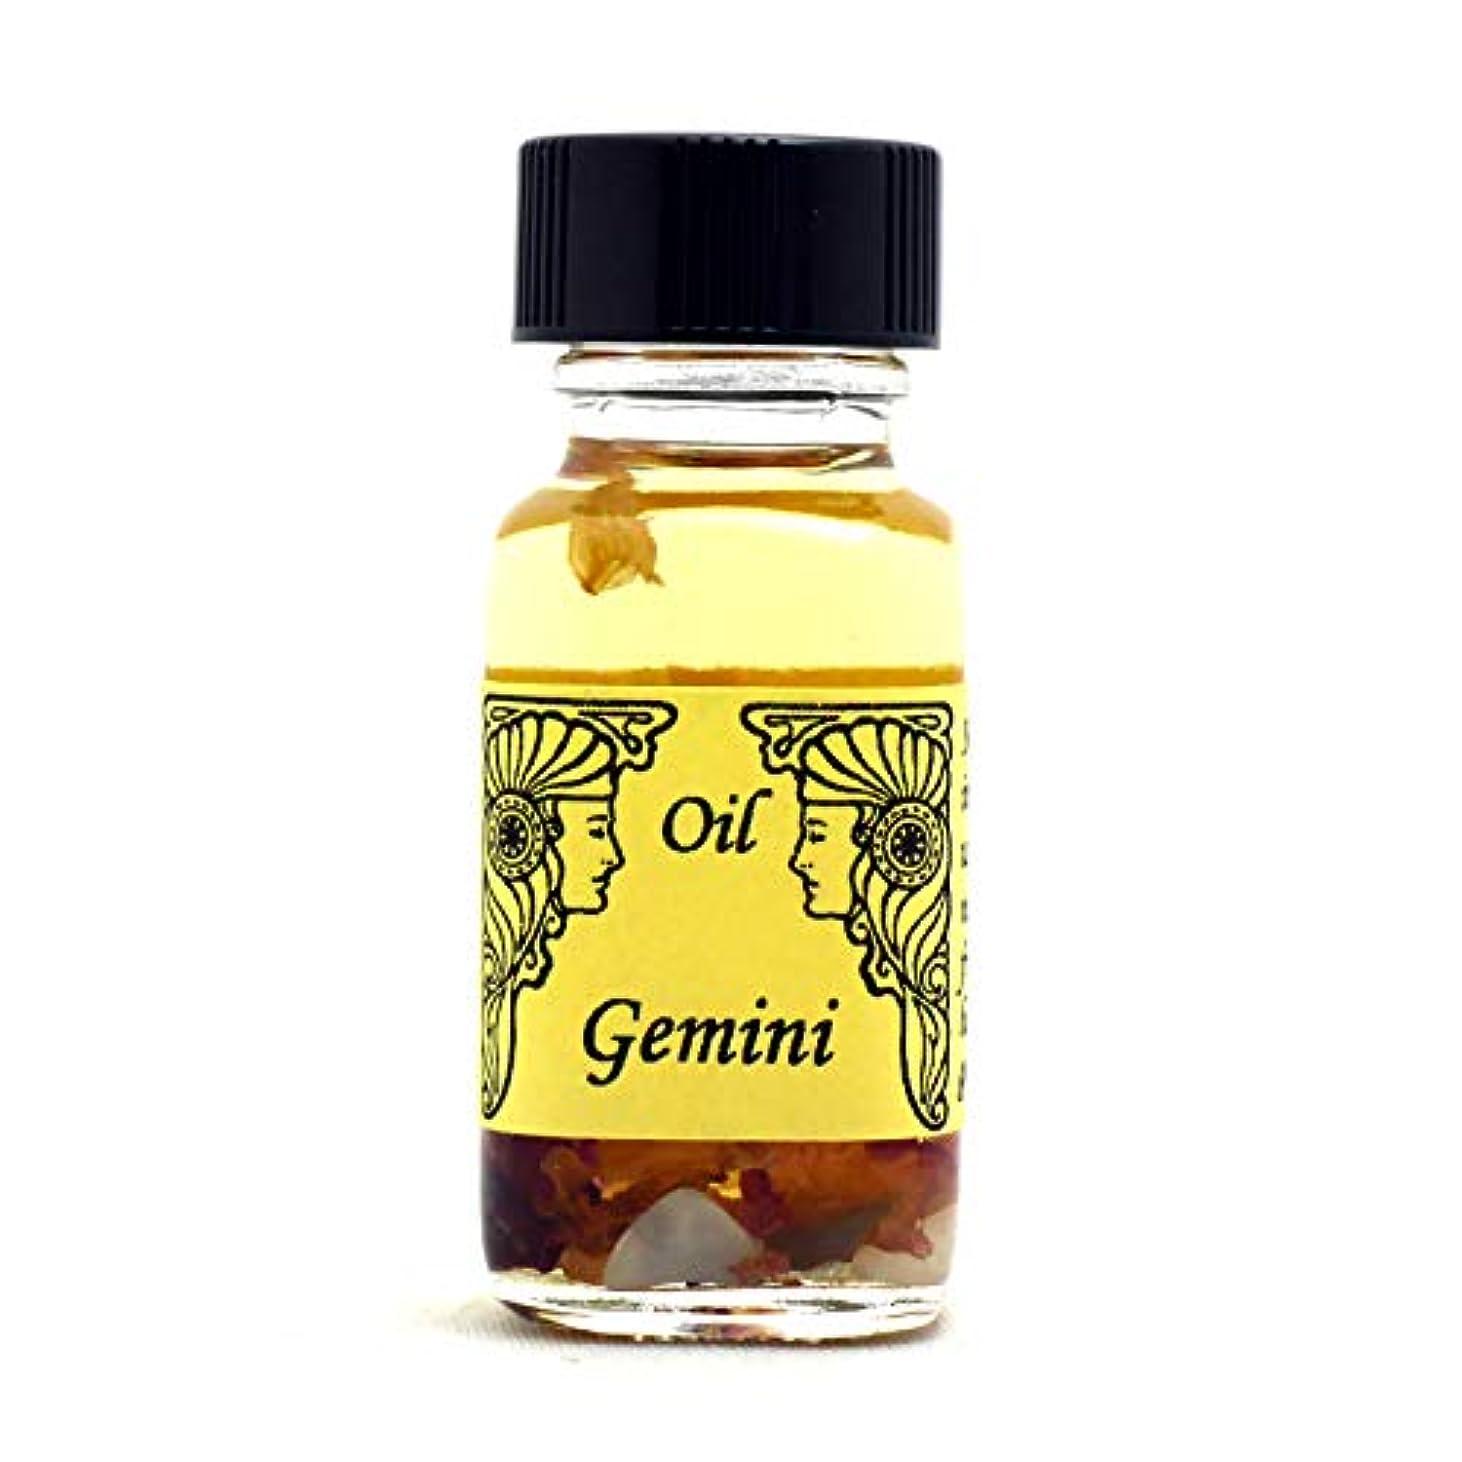 控えめな発火する晴れアンシェントメモリーオイル 12星座オイル(占星術オイル)Gemini ふたご座 5月21日~6月20日